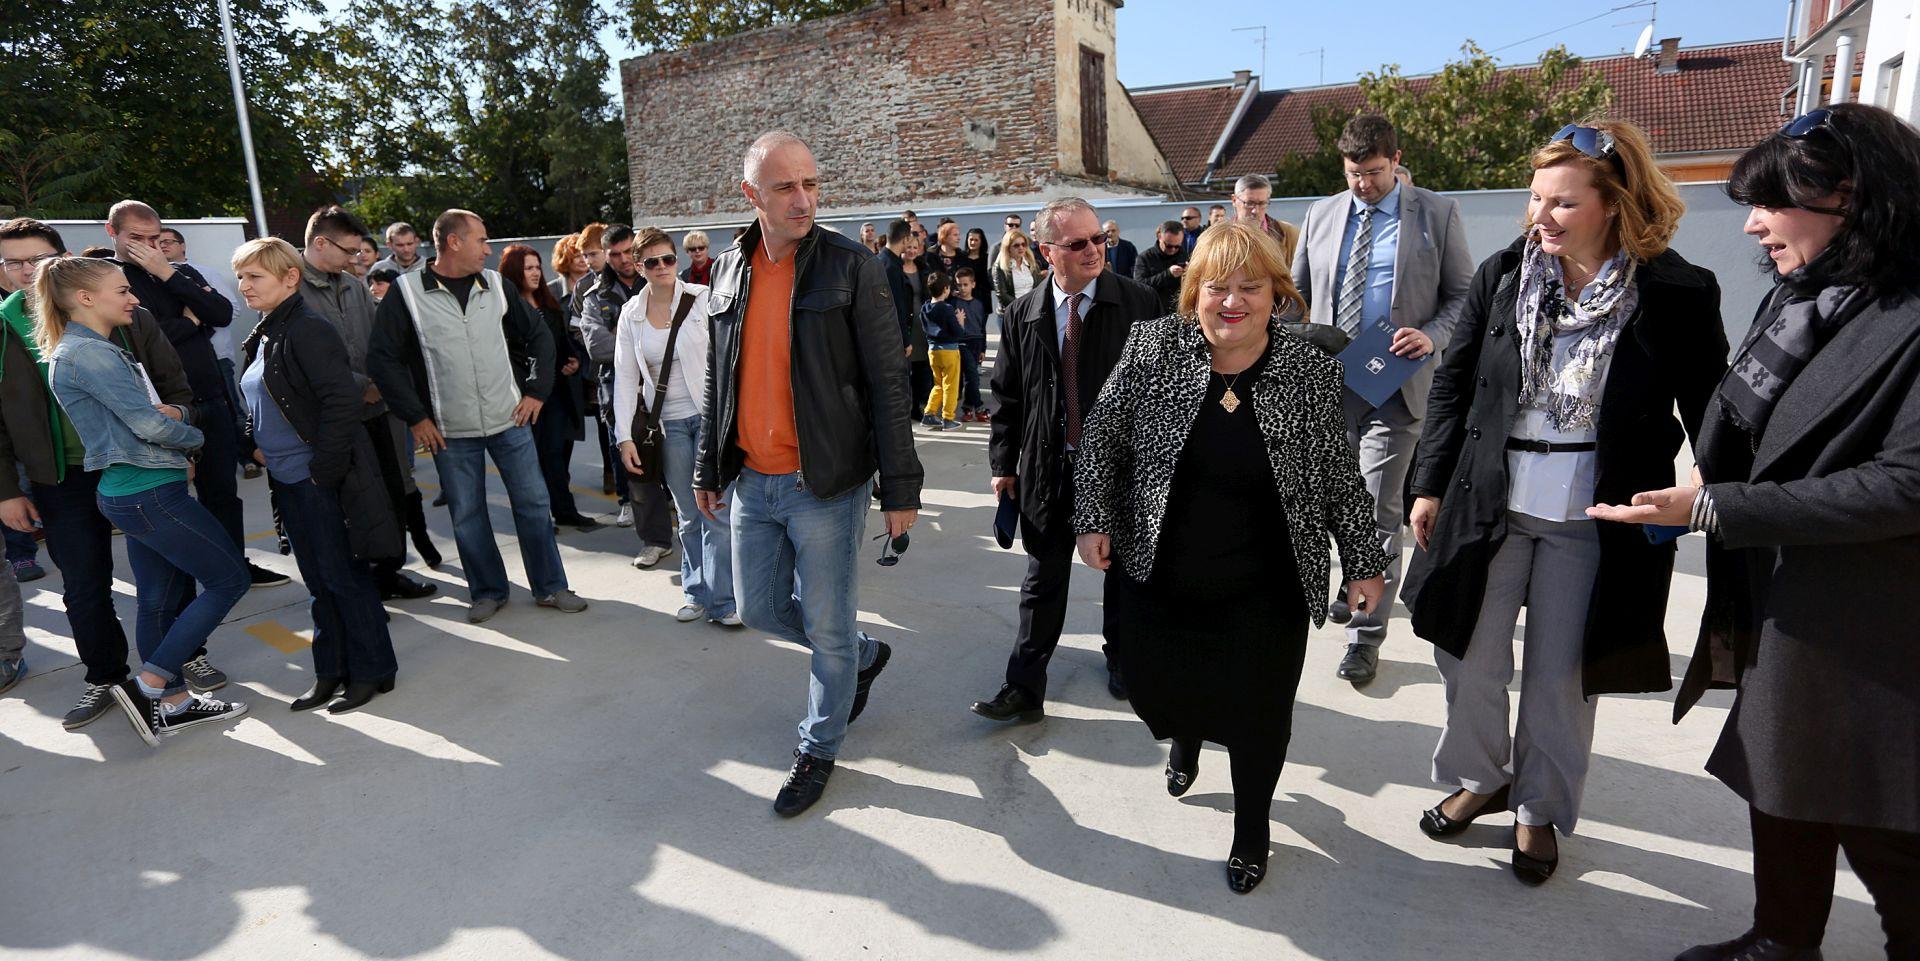 Ministri Mrak-Taritaš i Vrdoljak na otvorenju obnovljenog predprostora Vodenih vrata na ulazu u Tvrđu